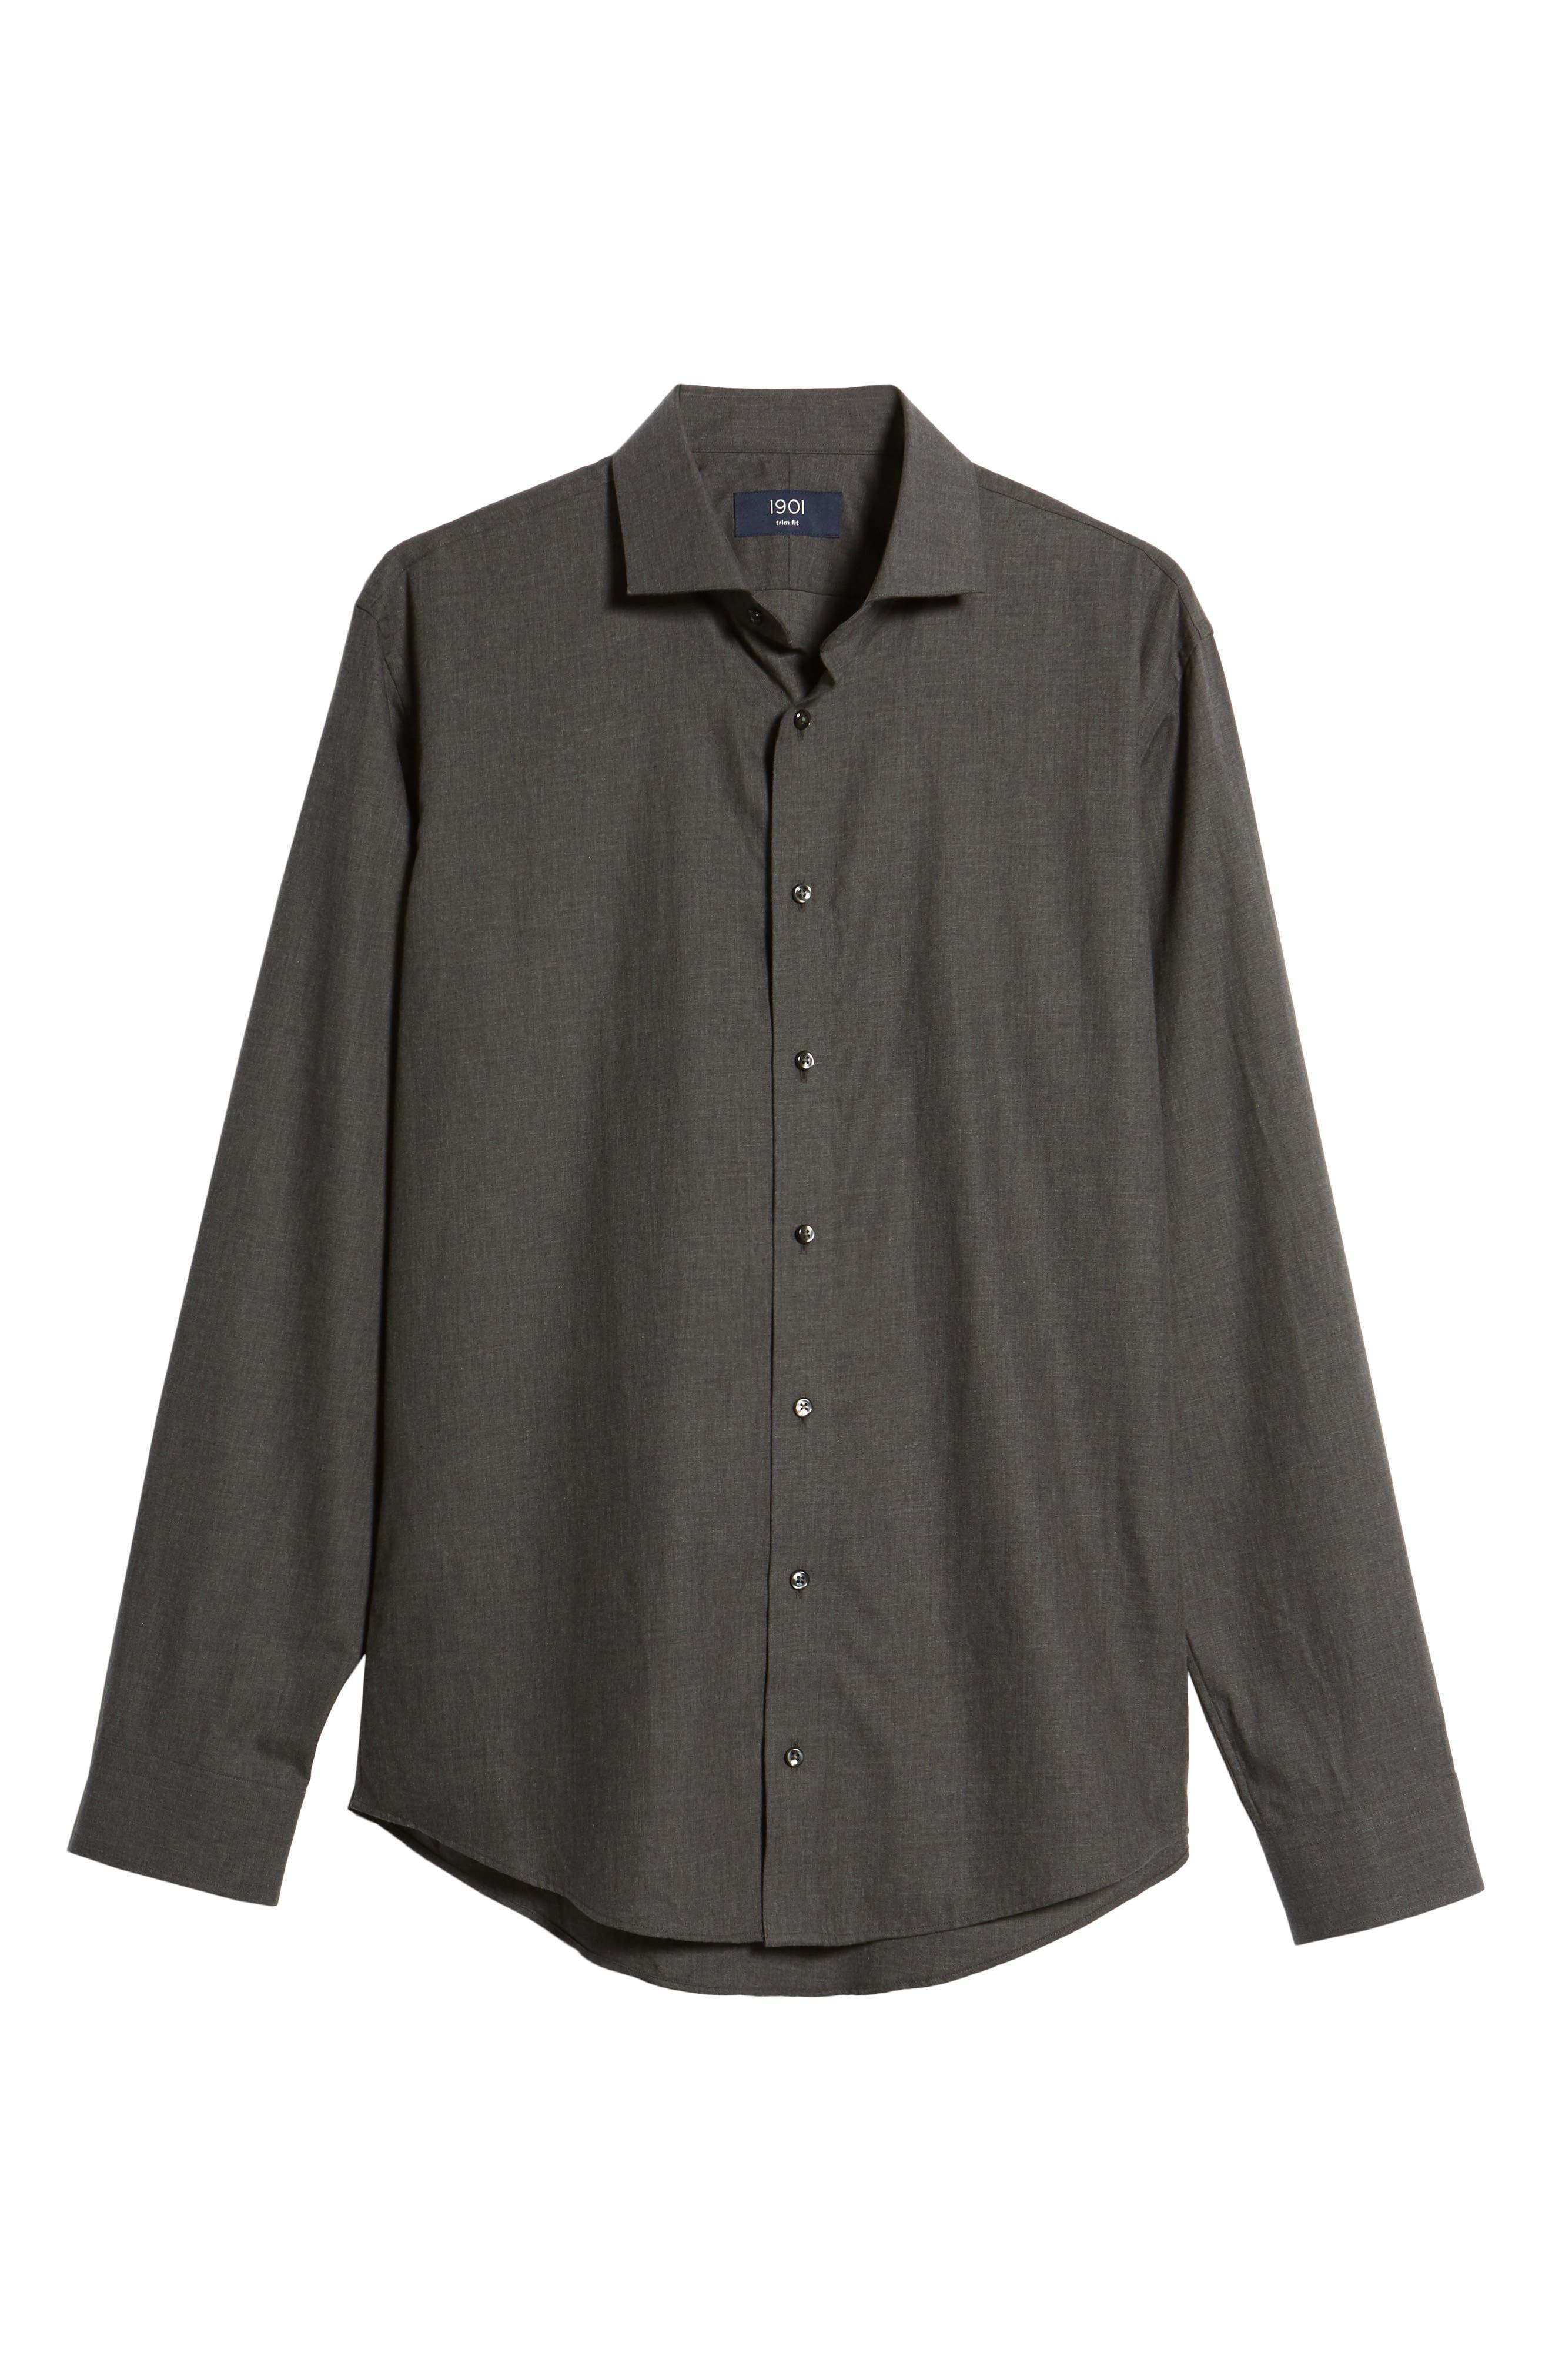 1901,                             Trim Fit Solid Dress Shirt,                             Alternate thumbnail 5, color,                             050